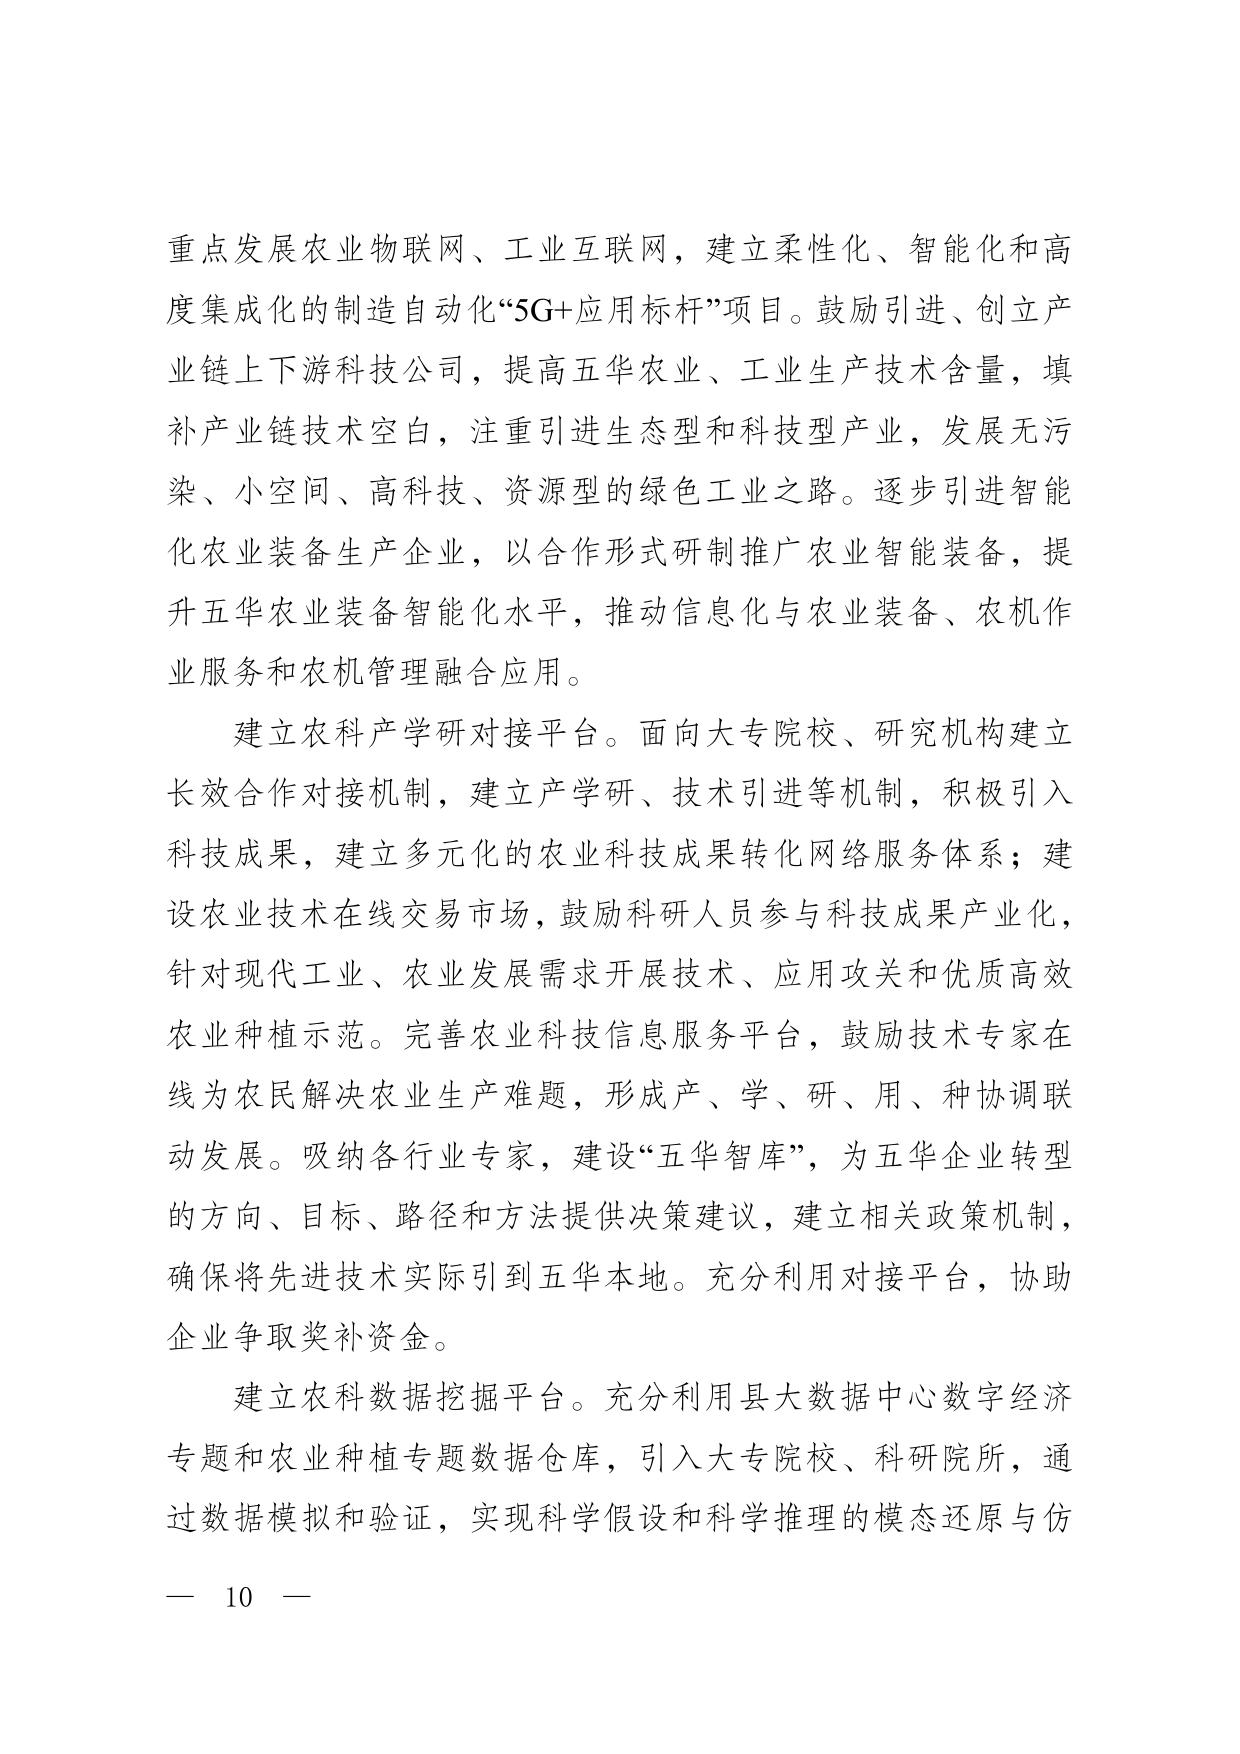 华办函〔2020〕5号关于印发《五华县数字乡村发展总体规划(2020—2025年)》的通知0009.jpg